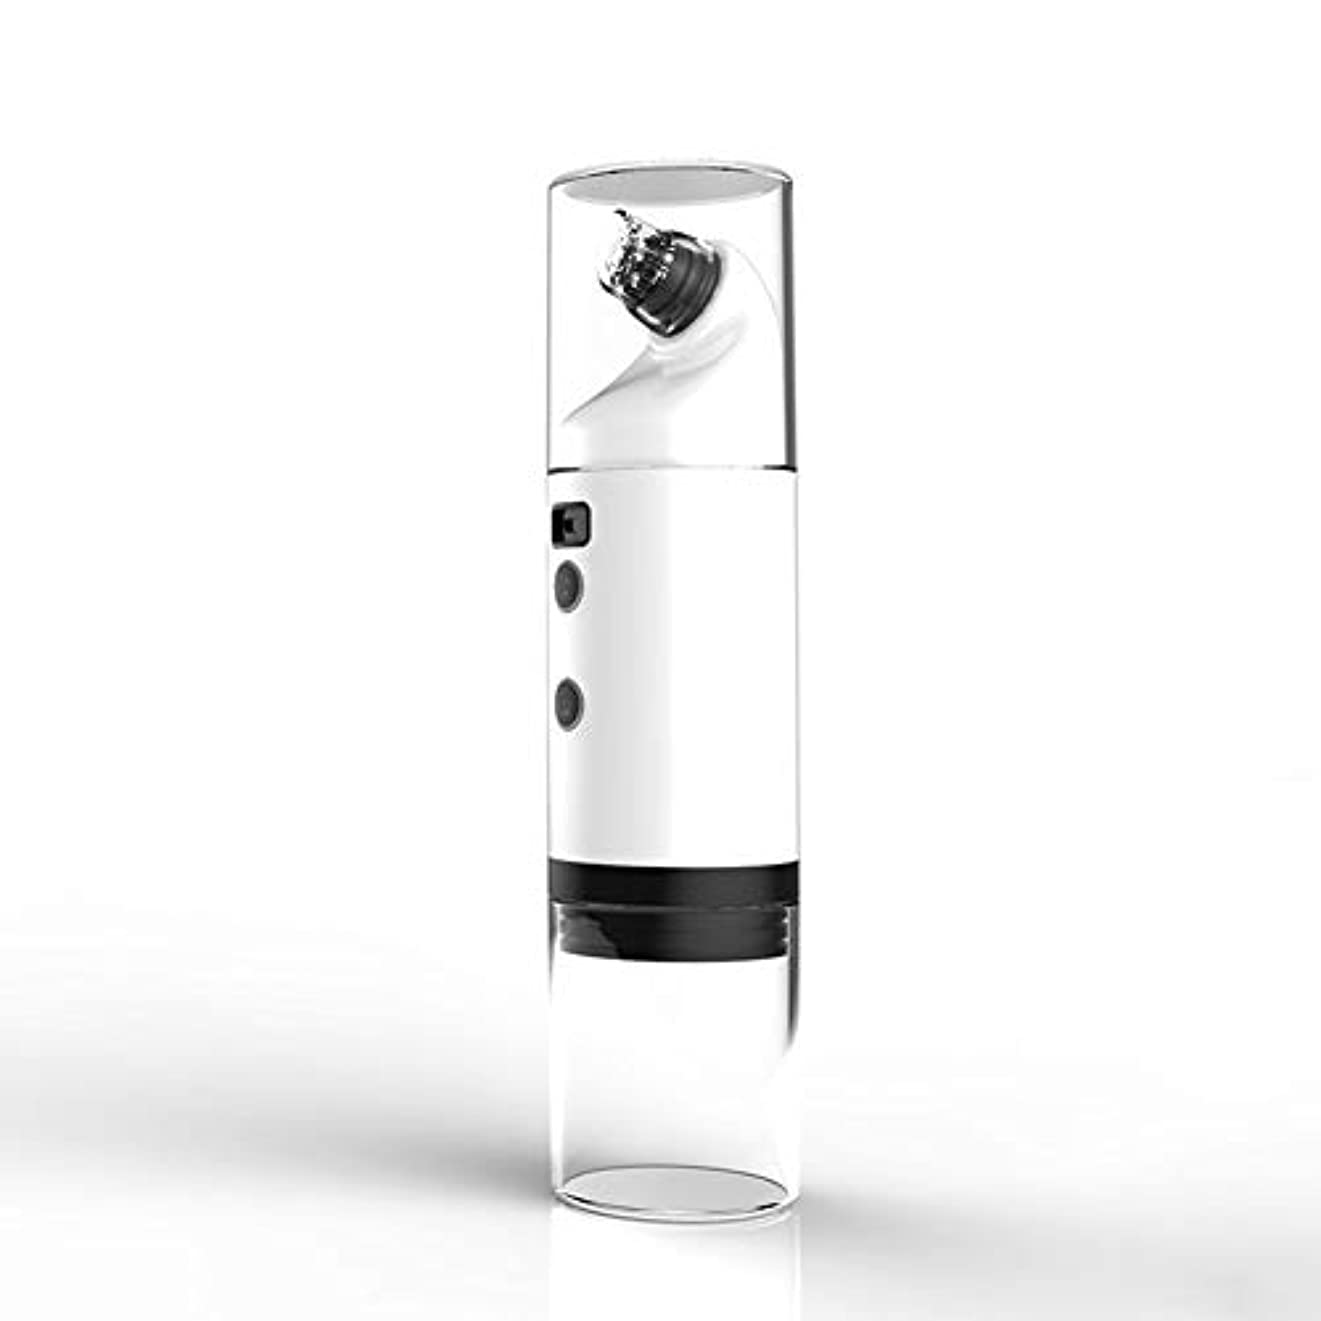 セントツイン先にきび楽器、電気吸引にきび世帯、毛穴クリーニング小さな泡美容器具、、フェイス鼻のためのLEDディスプレイと充電式USBおでこホワイトヘッドクリーン